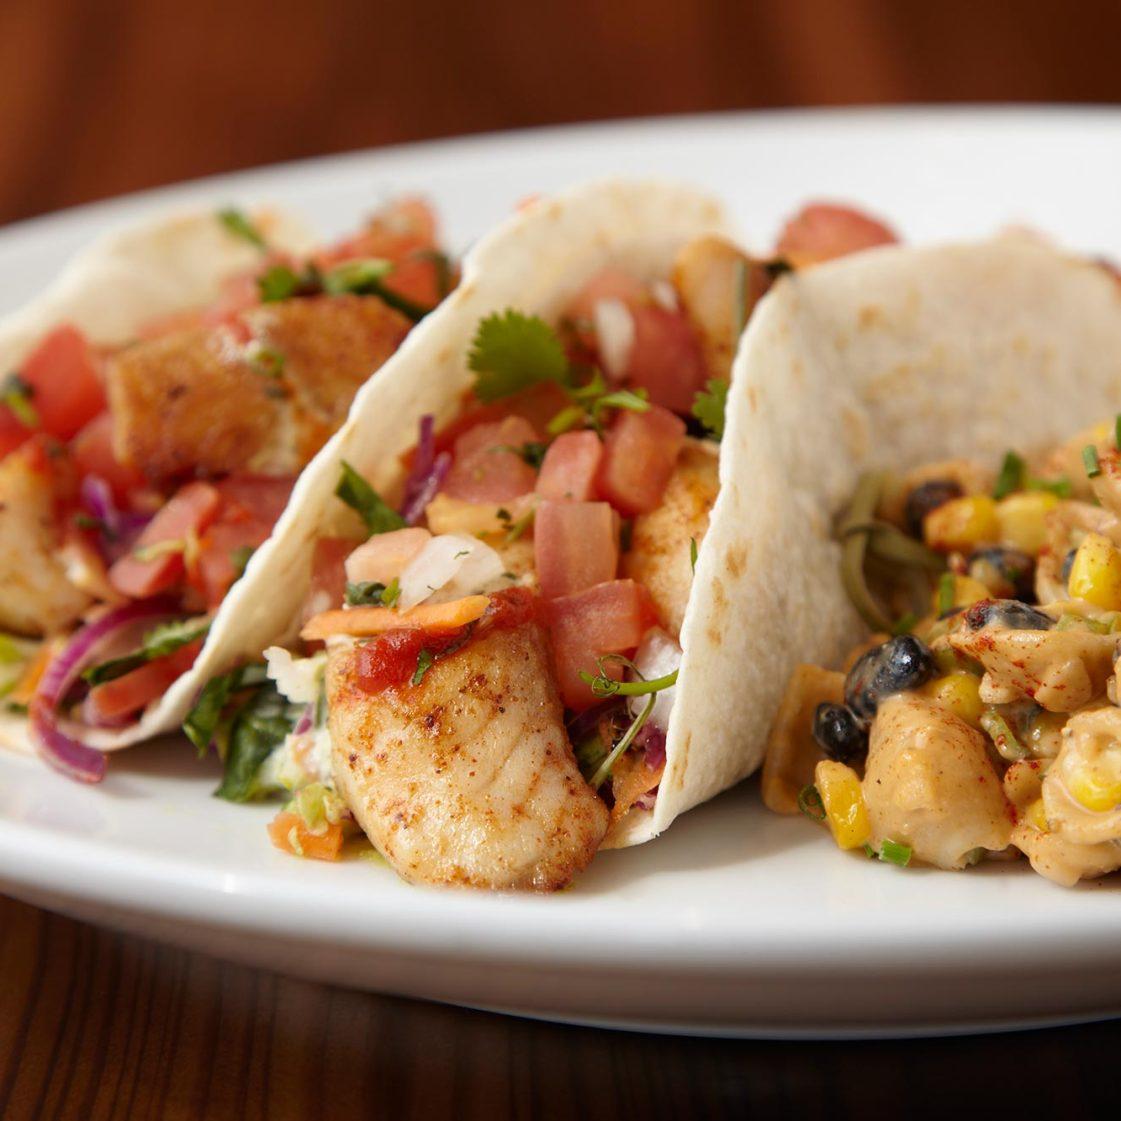 prasino - la grange, illinois - fish tacos